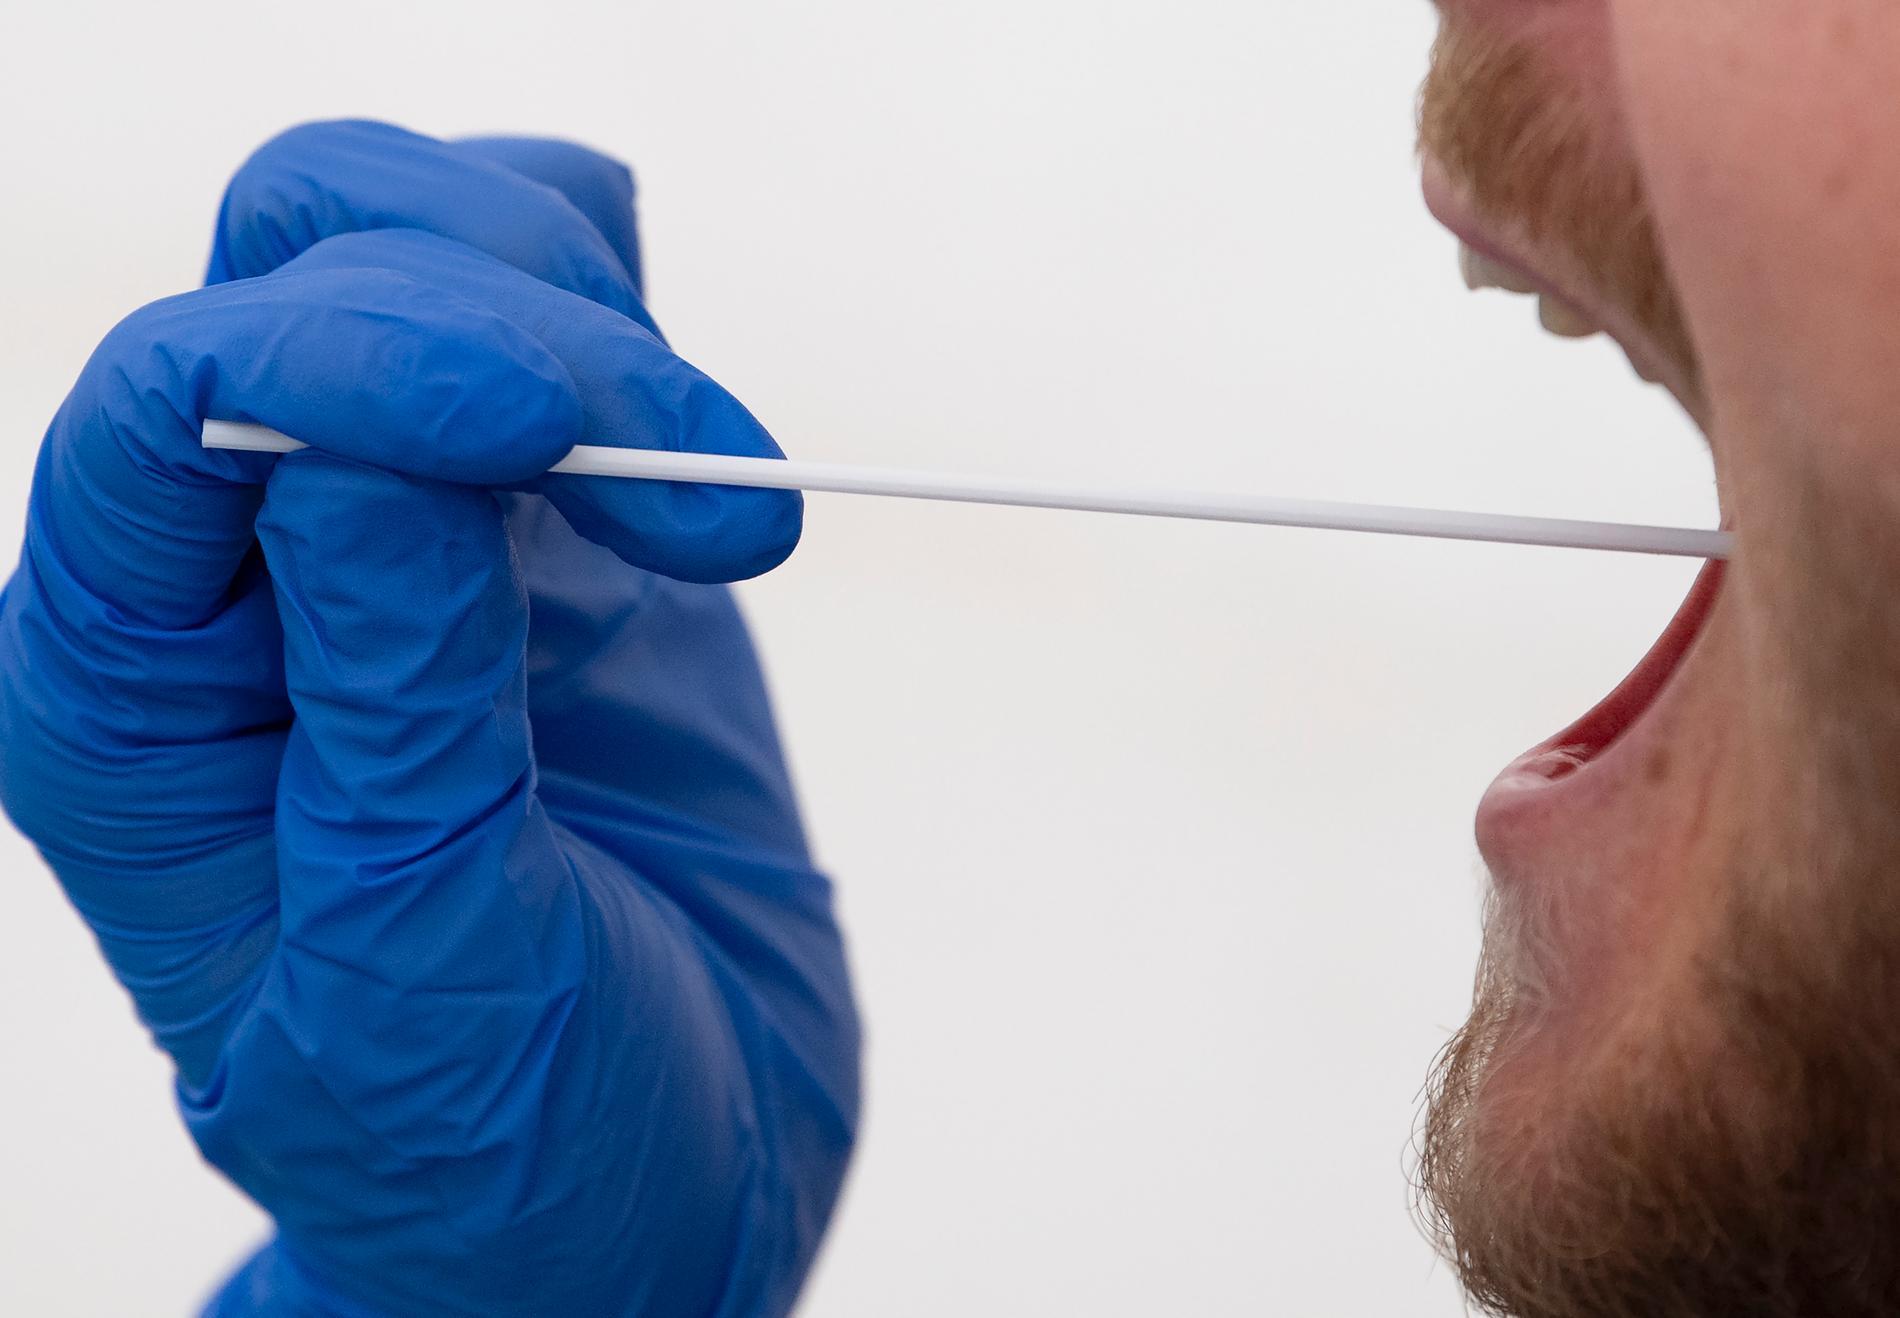 Antalet stockholmare med antikroppar mot covid-19 ökat stadigt, enligt en ny studie. Arkivbild.